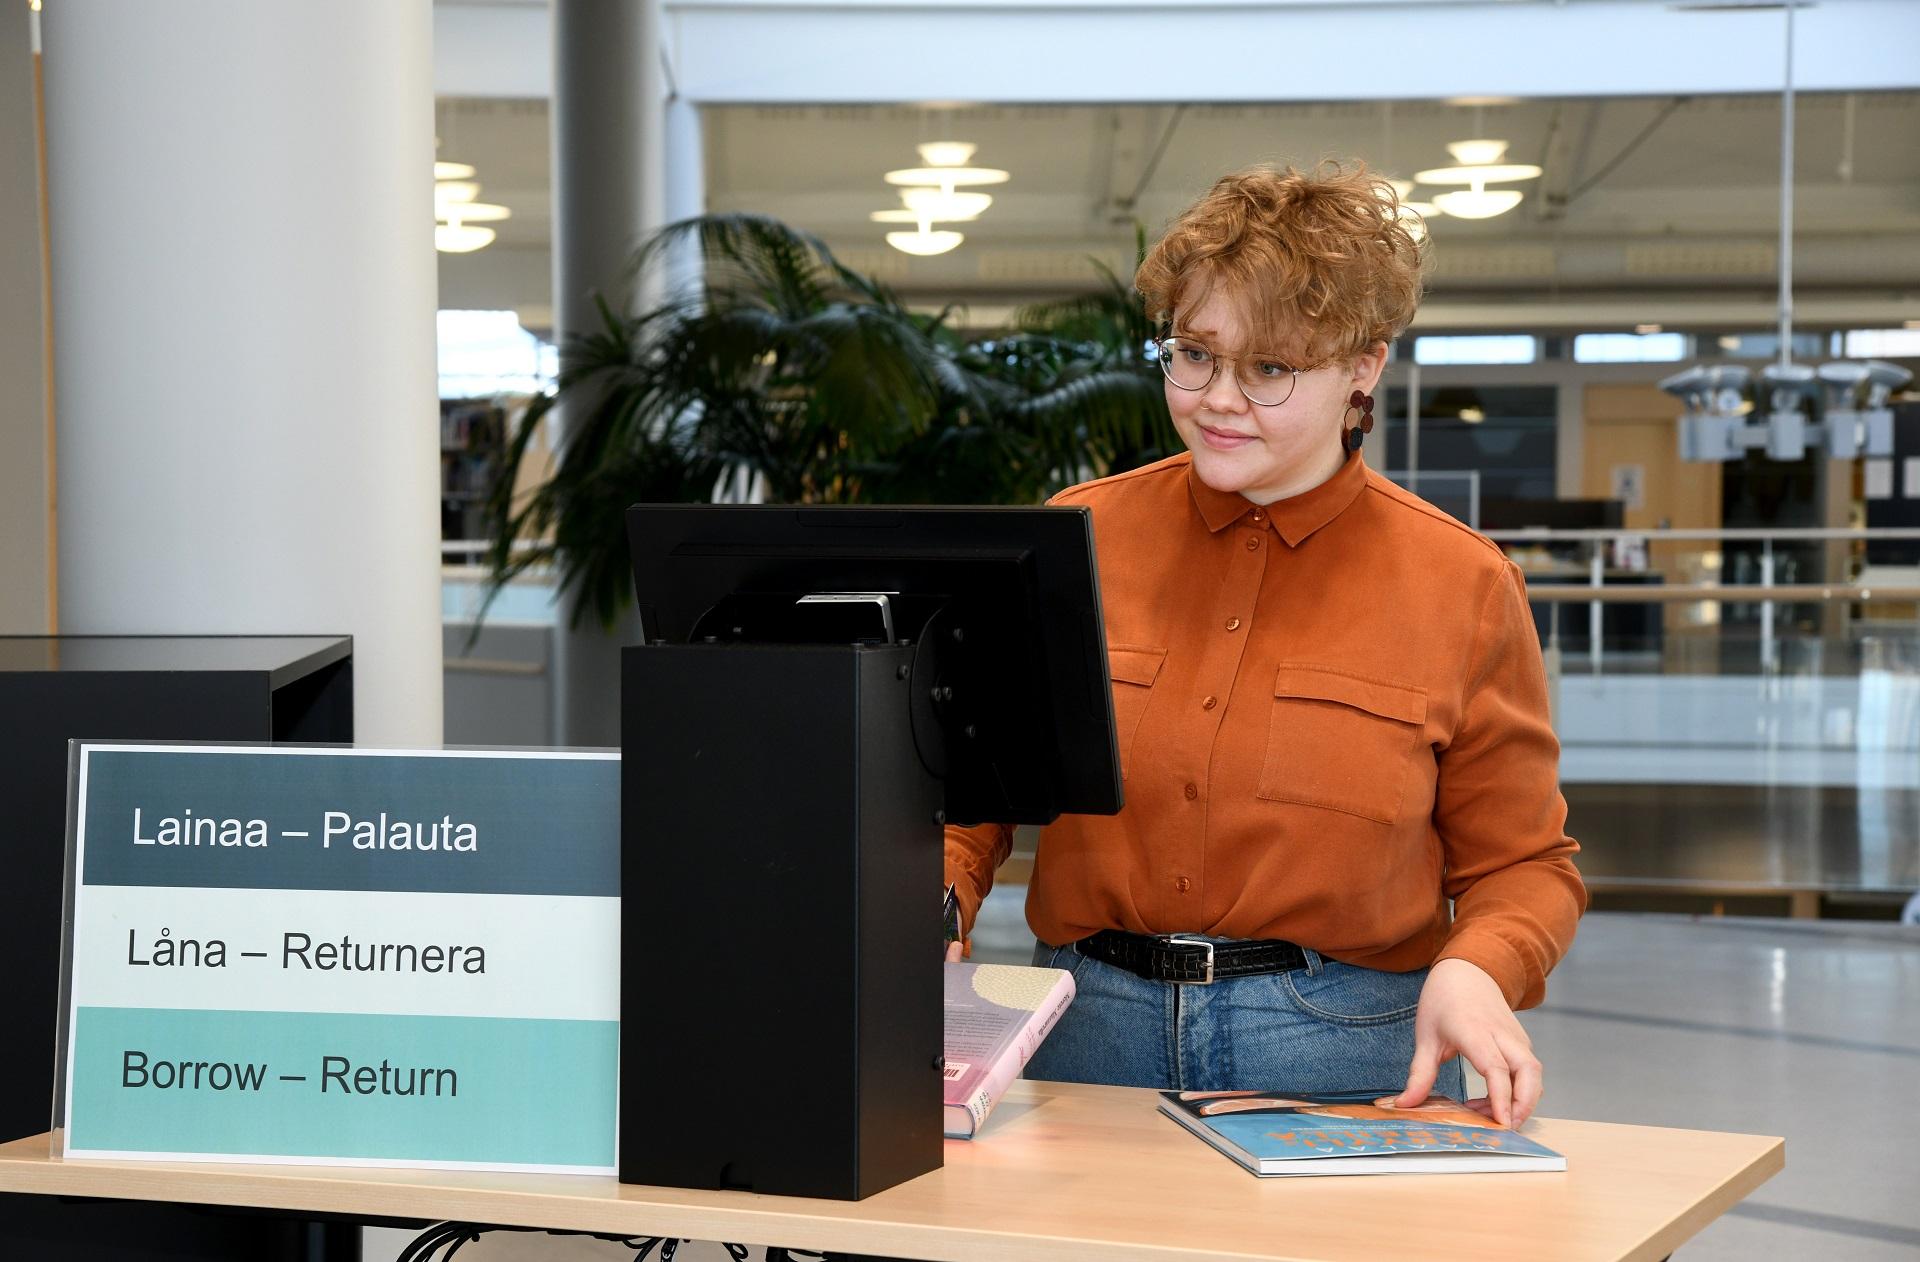 En ung kvinna lånar böcker vid en låneautomat.